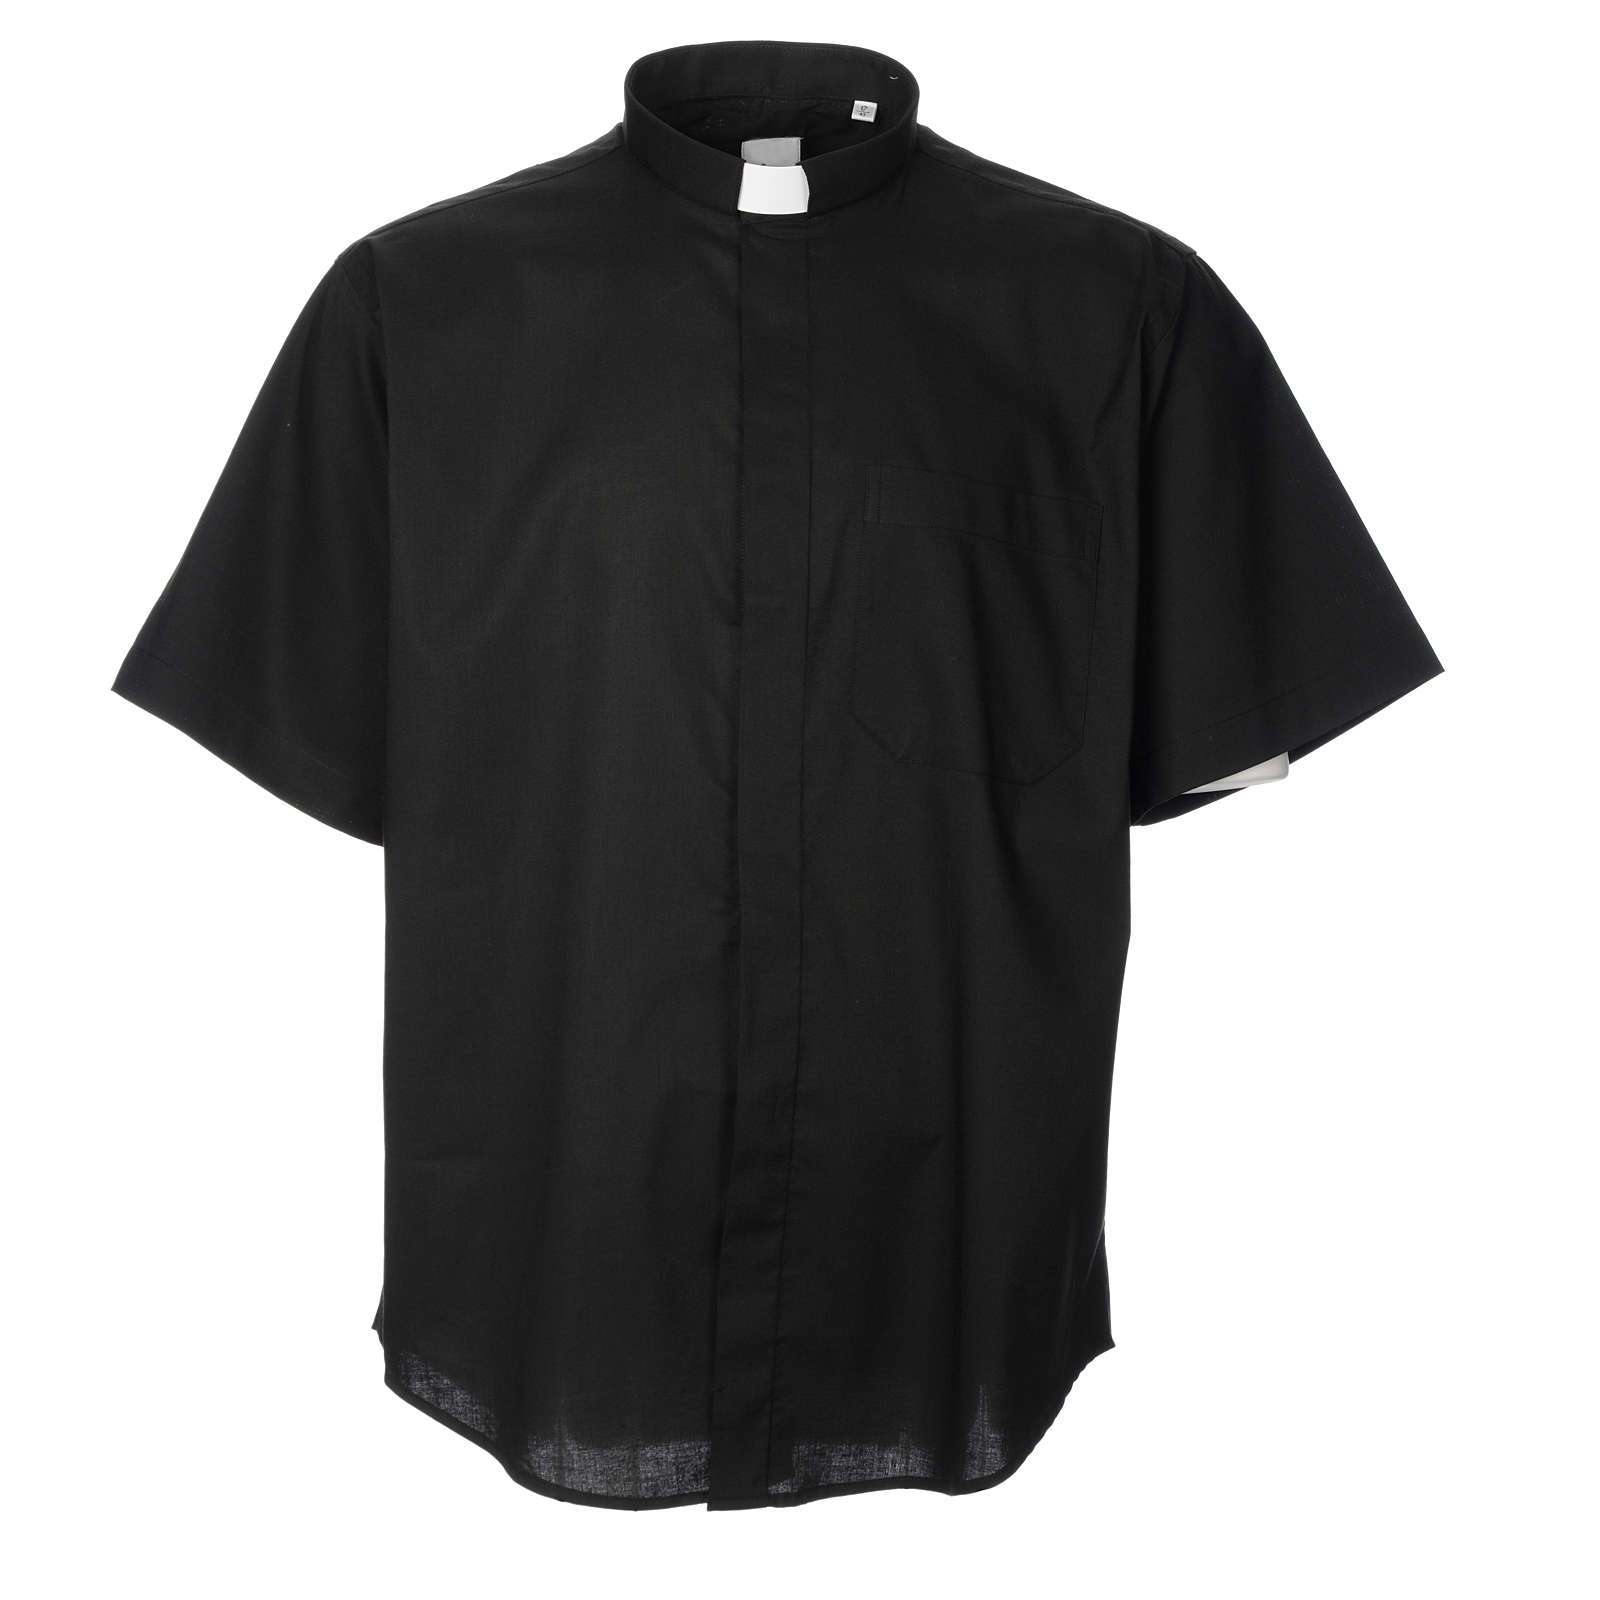 STOCK Collarhemd mit Kurzarm aus Baumwoll-Polyester-Mischgewebe in der Farbe Schwarz 4